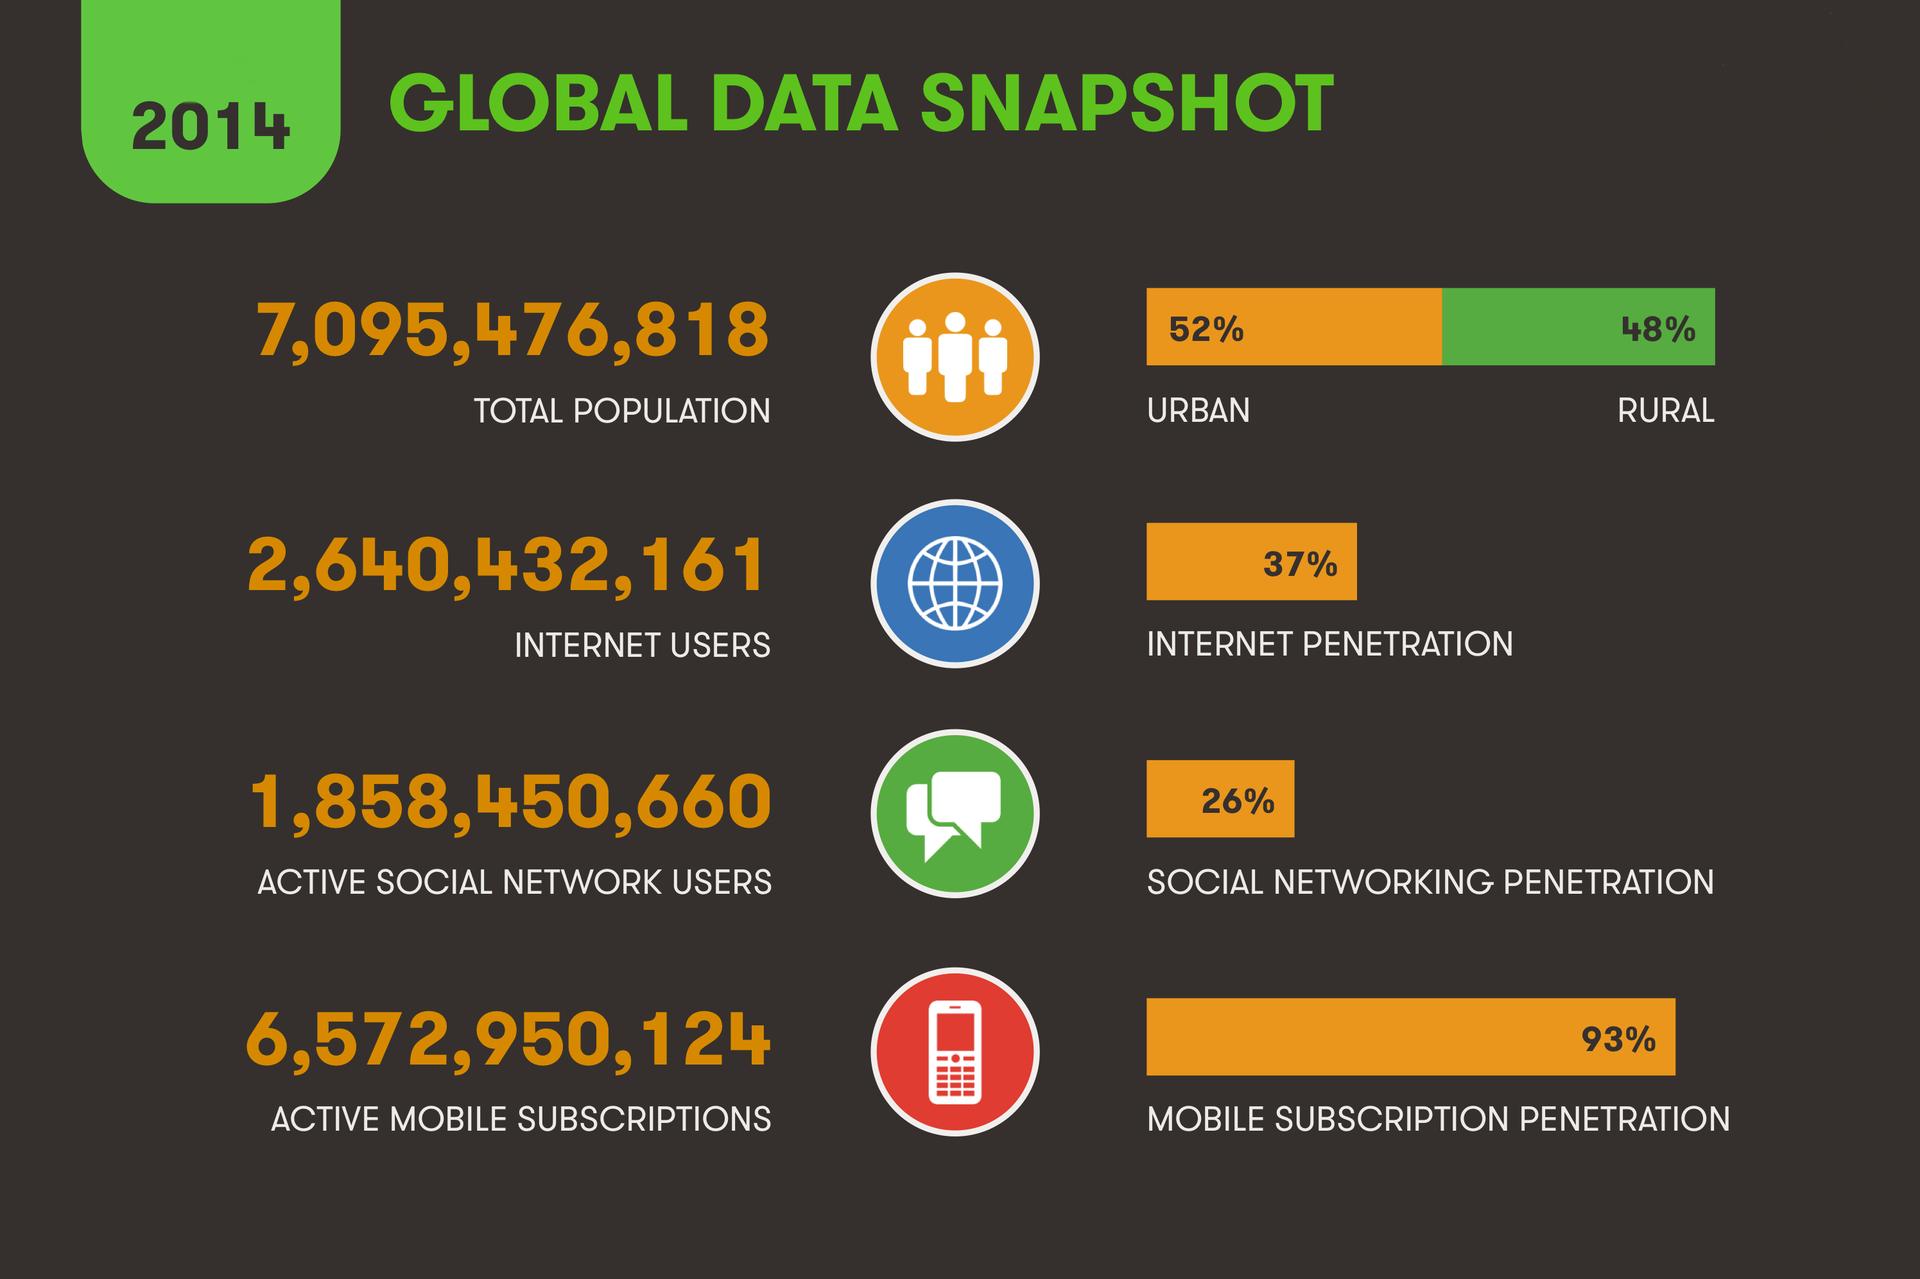 Компания Global Web Index представила статистический отчет о интернет предпочтениях жителей Европы в 2014 году - 2